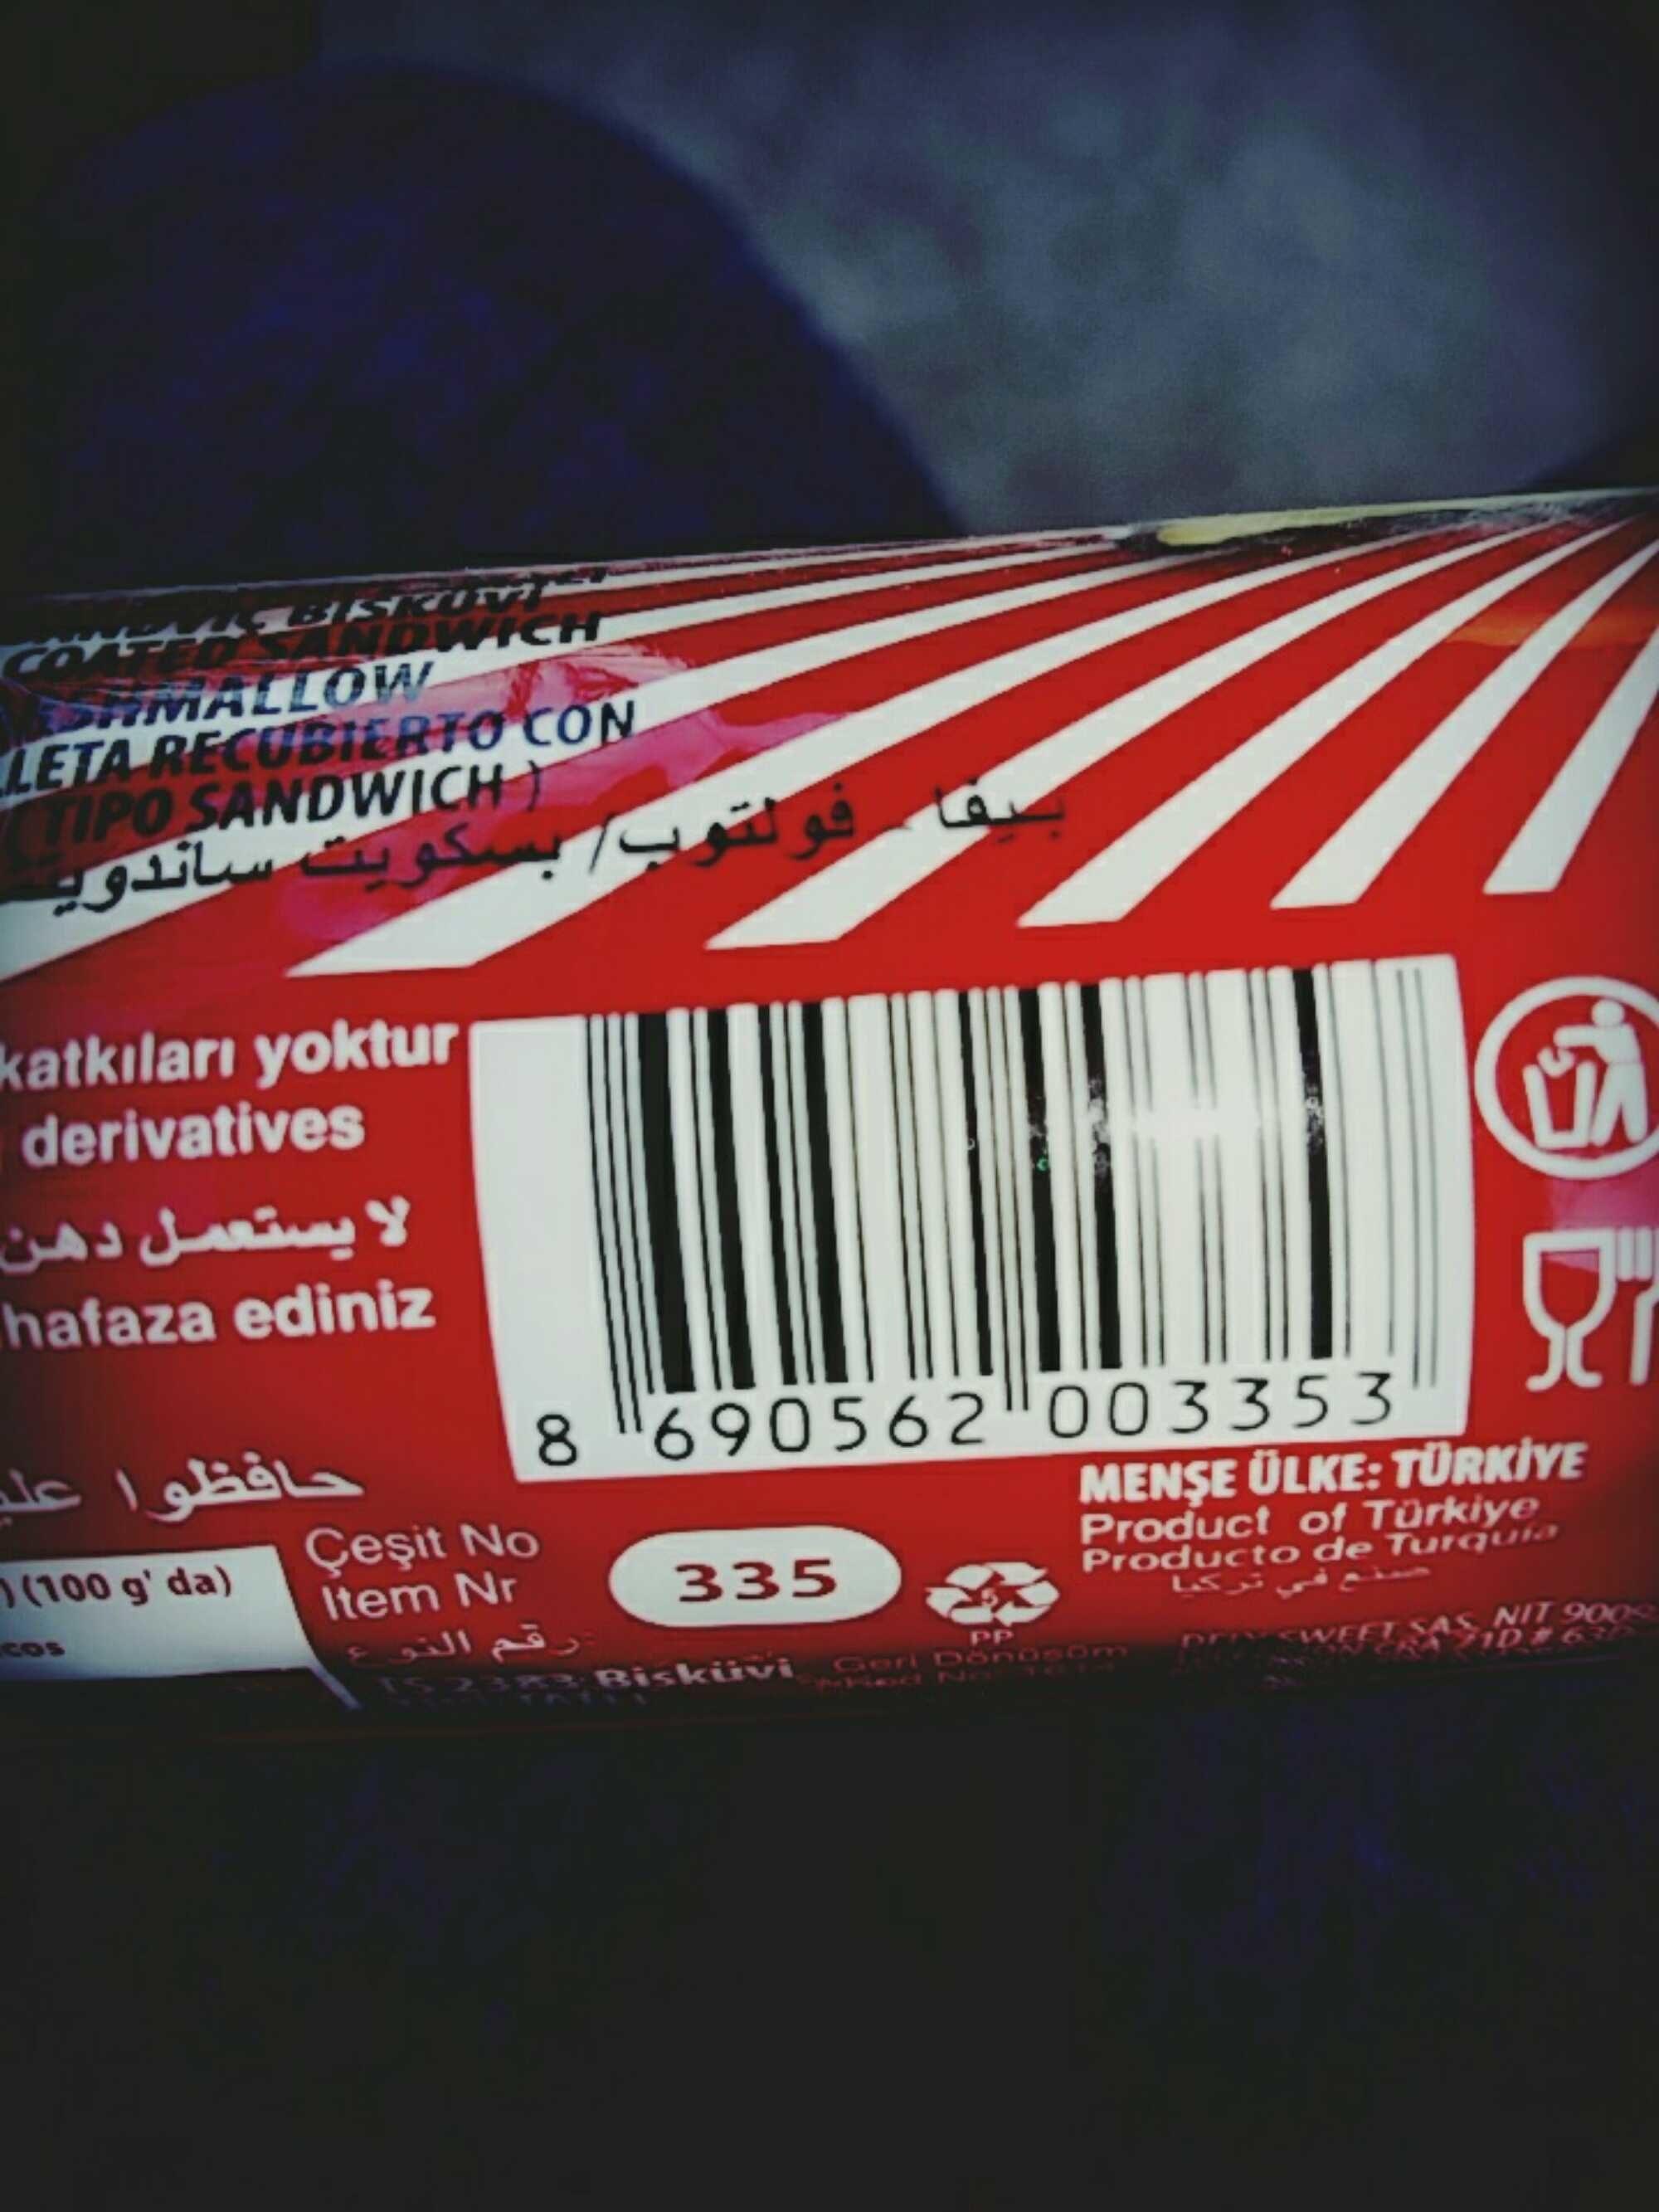 - Ürün